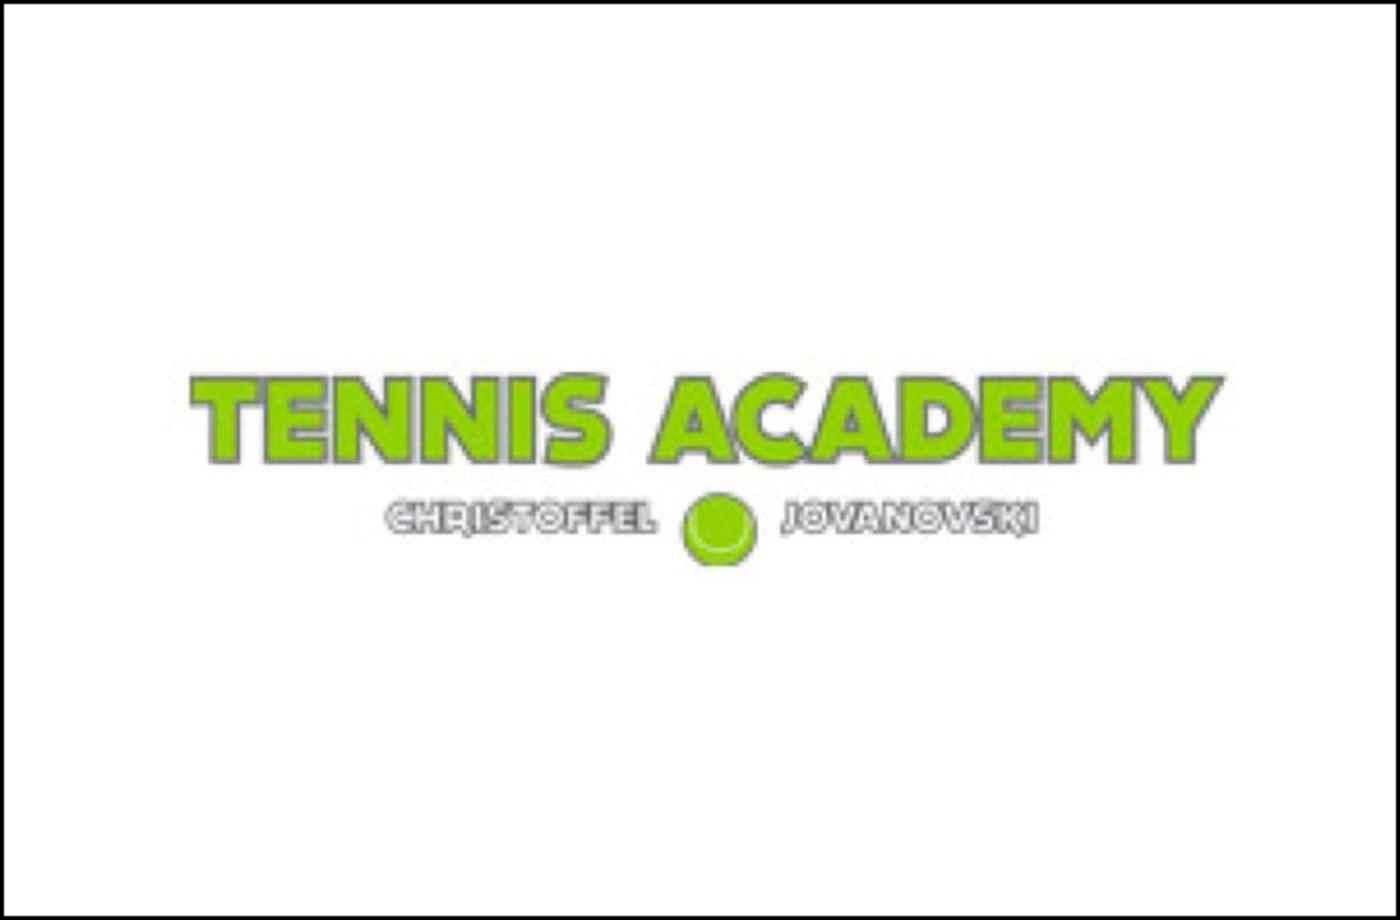 mairec edelmetall precious metal recycling sponsor tennis academy christoffel jovanowsky